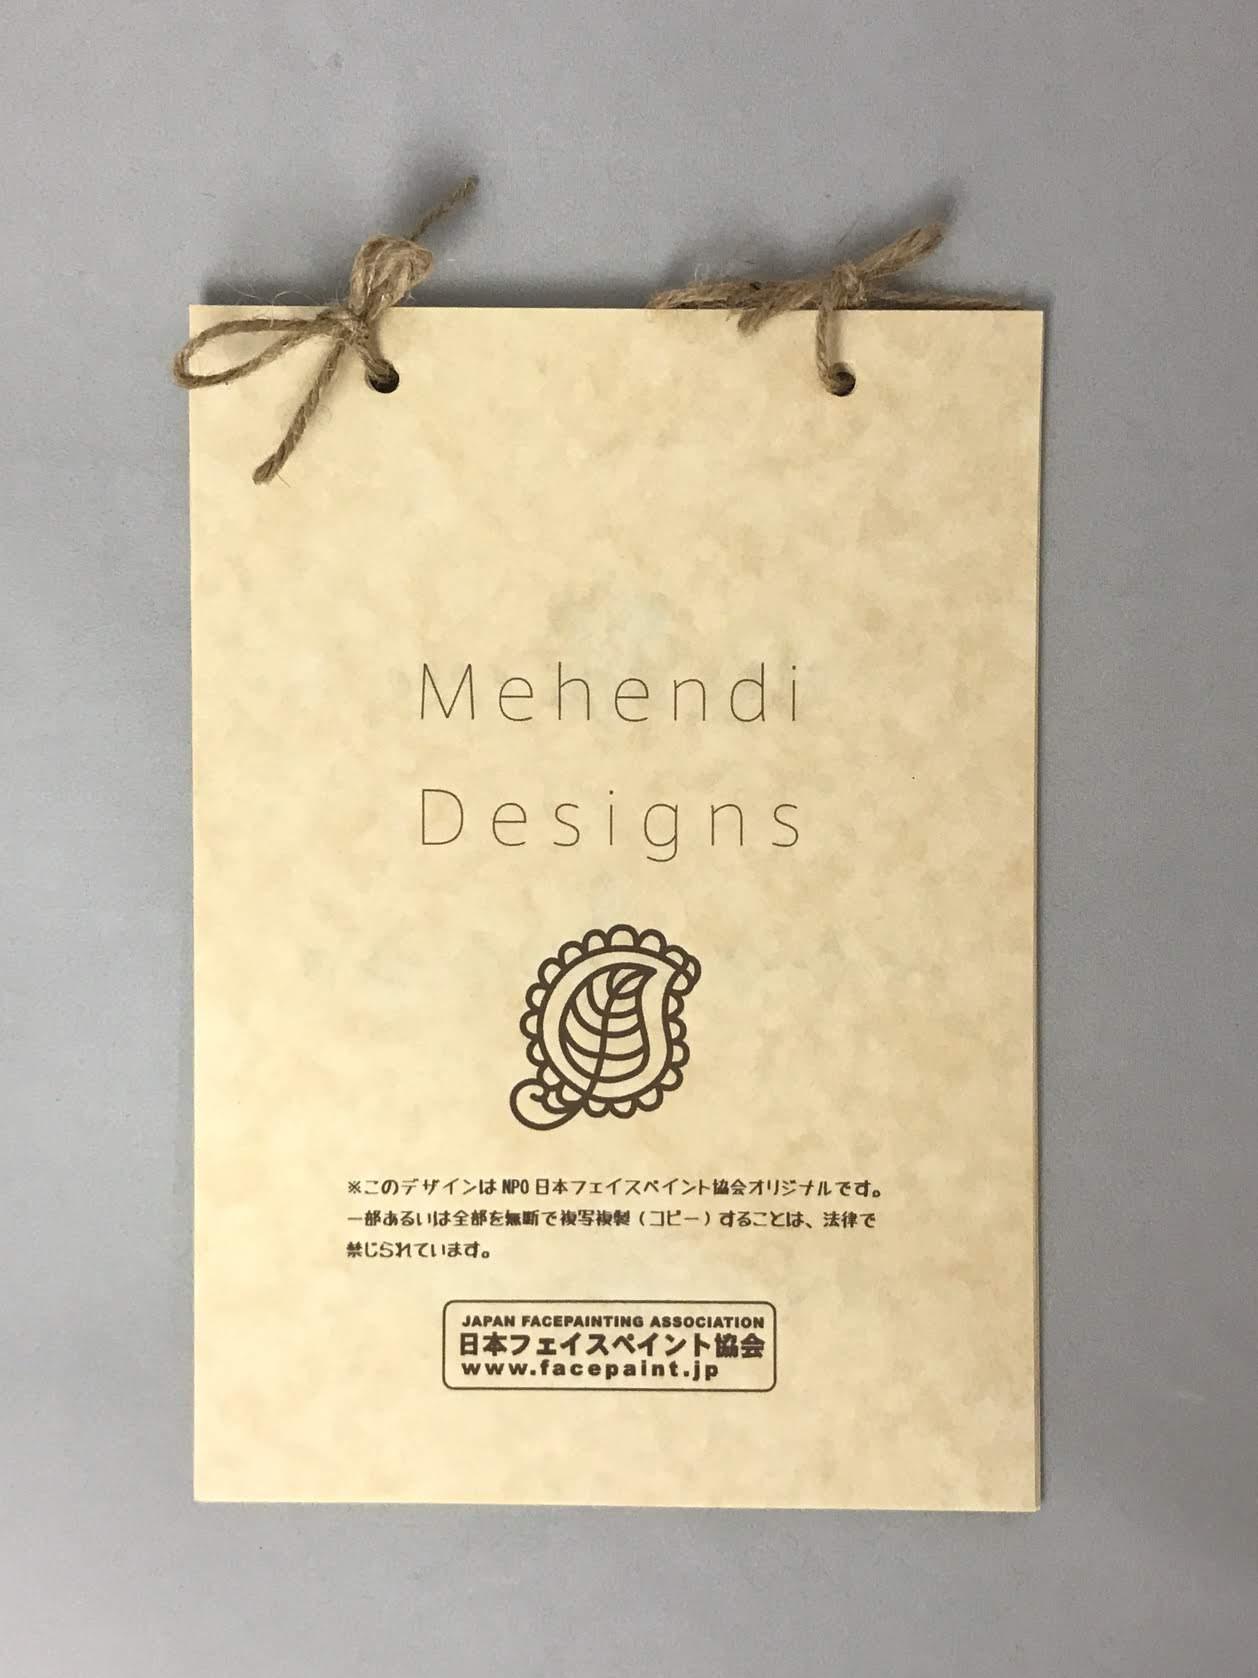 メヘンディ・ヘナアートセミナー用デザインサンプルの画像